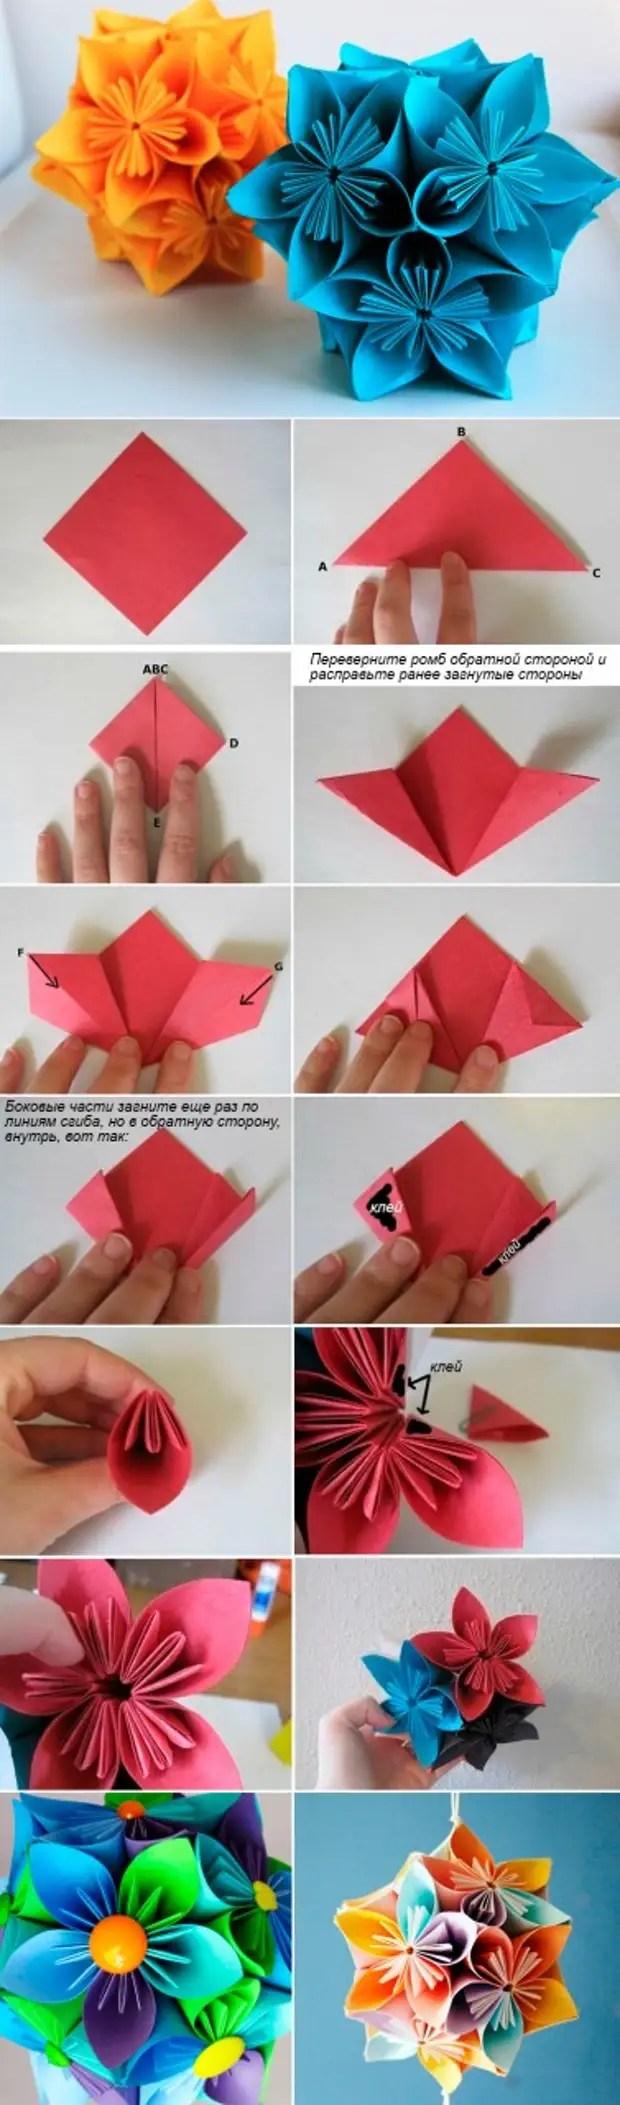 Kusadama origami